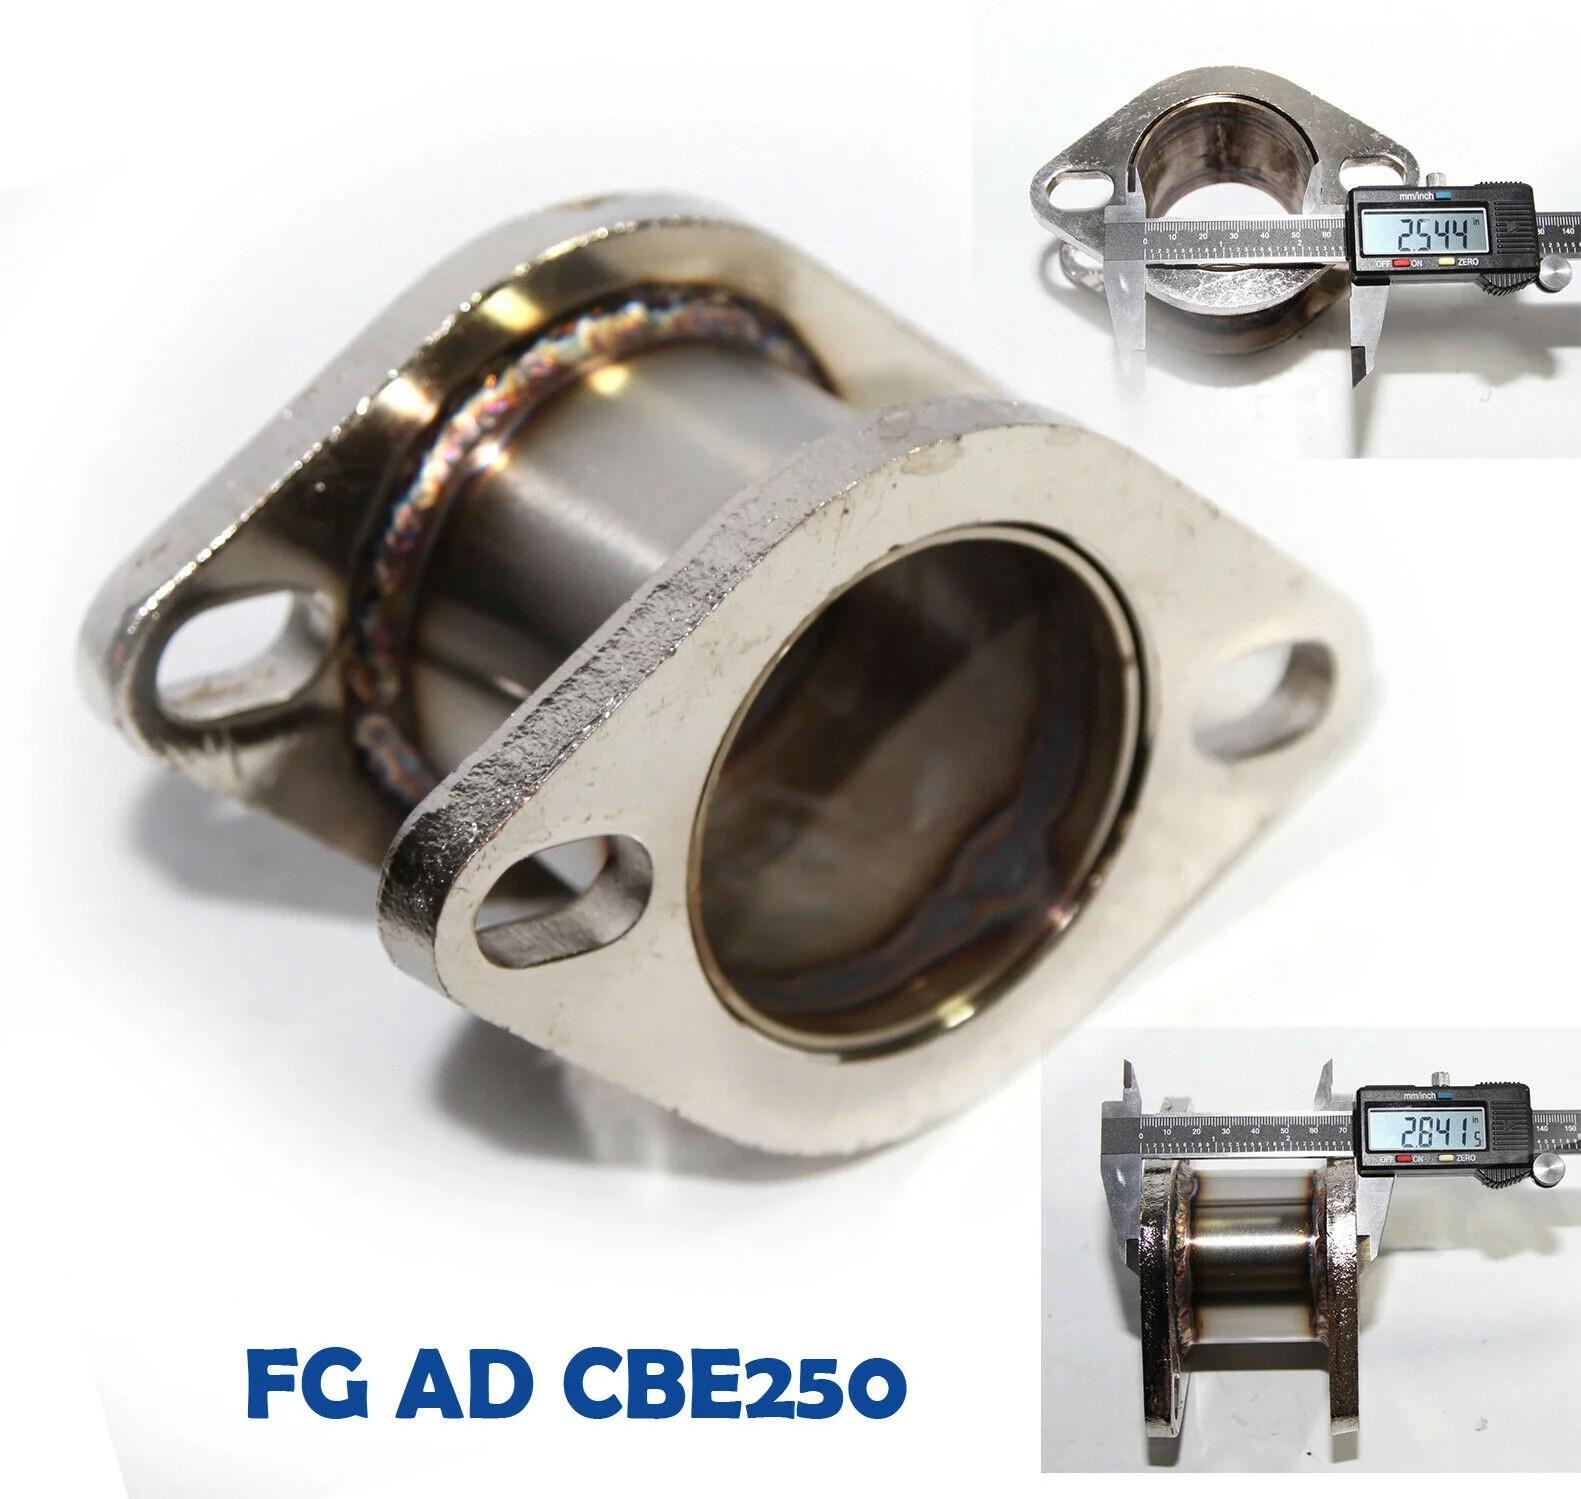 catback exhaust muffler 2 9 extension flange steel adapter 2 5 2bolt flange catback exhaust muffler 2 9 extension flange steel adapter 2 5 2bolt